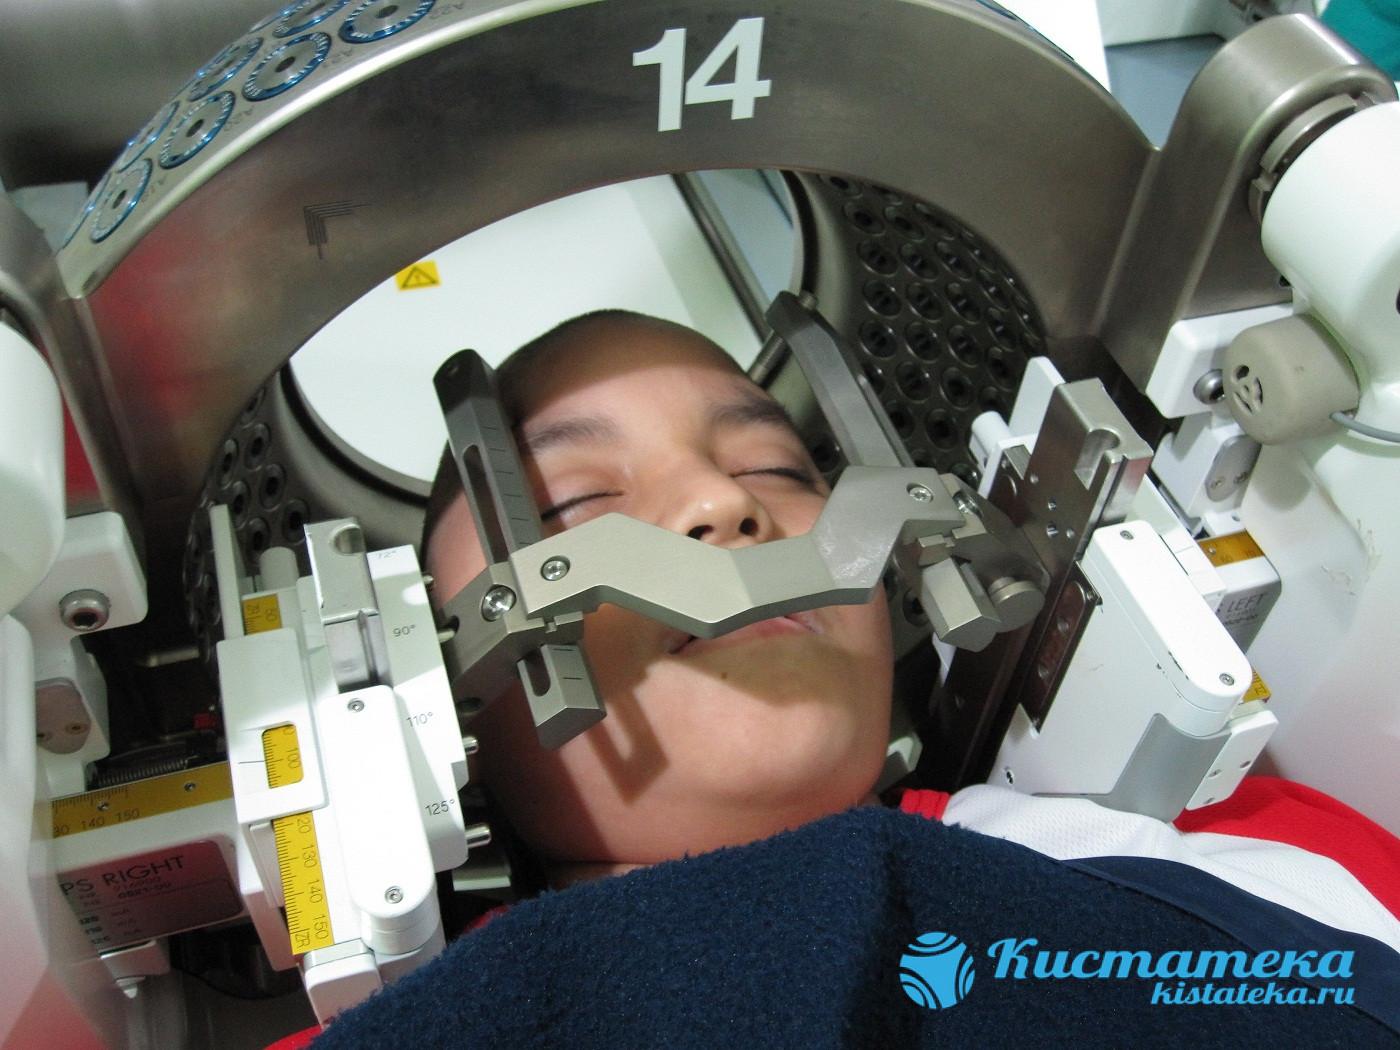 Радиоирургическое вмешательство